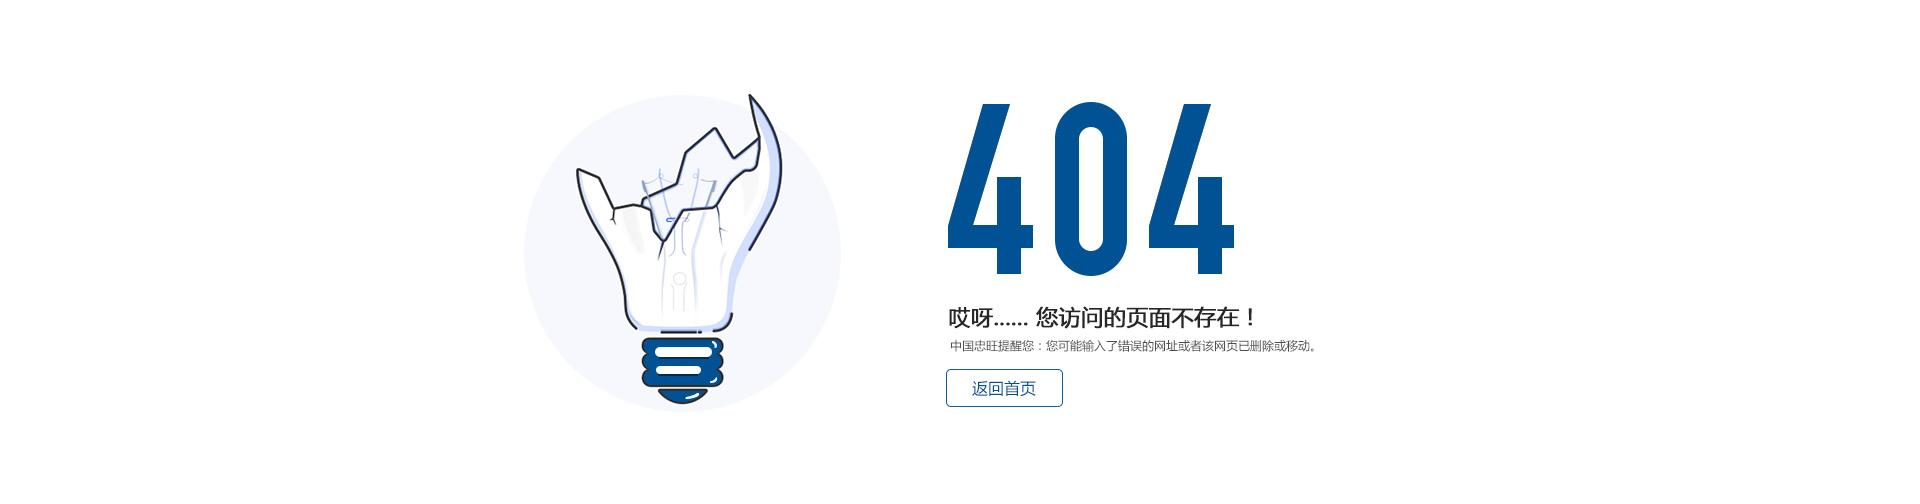 中國自拍偷拍网獲「2018金港股最具價值汽車及工業製造股公司」大獎